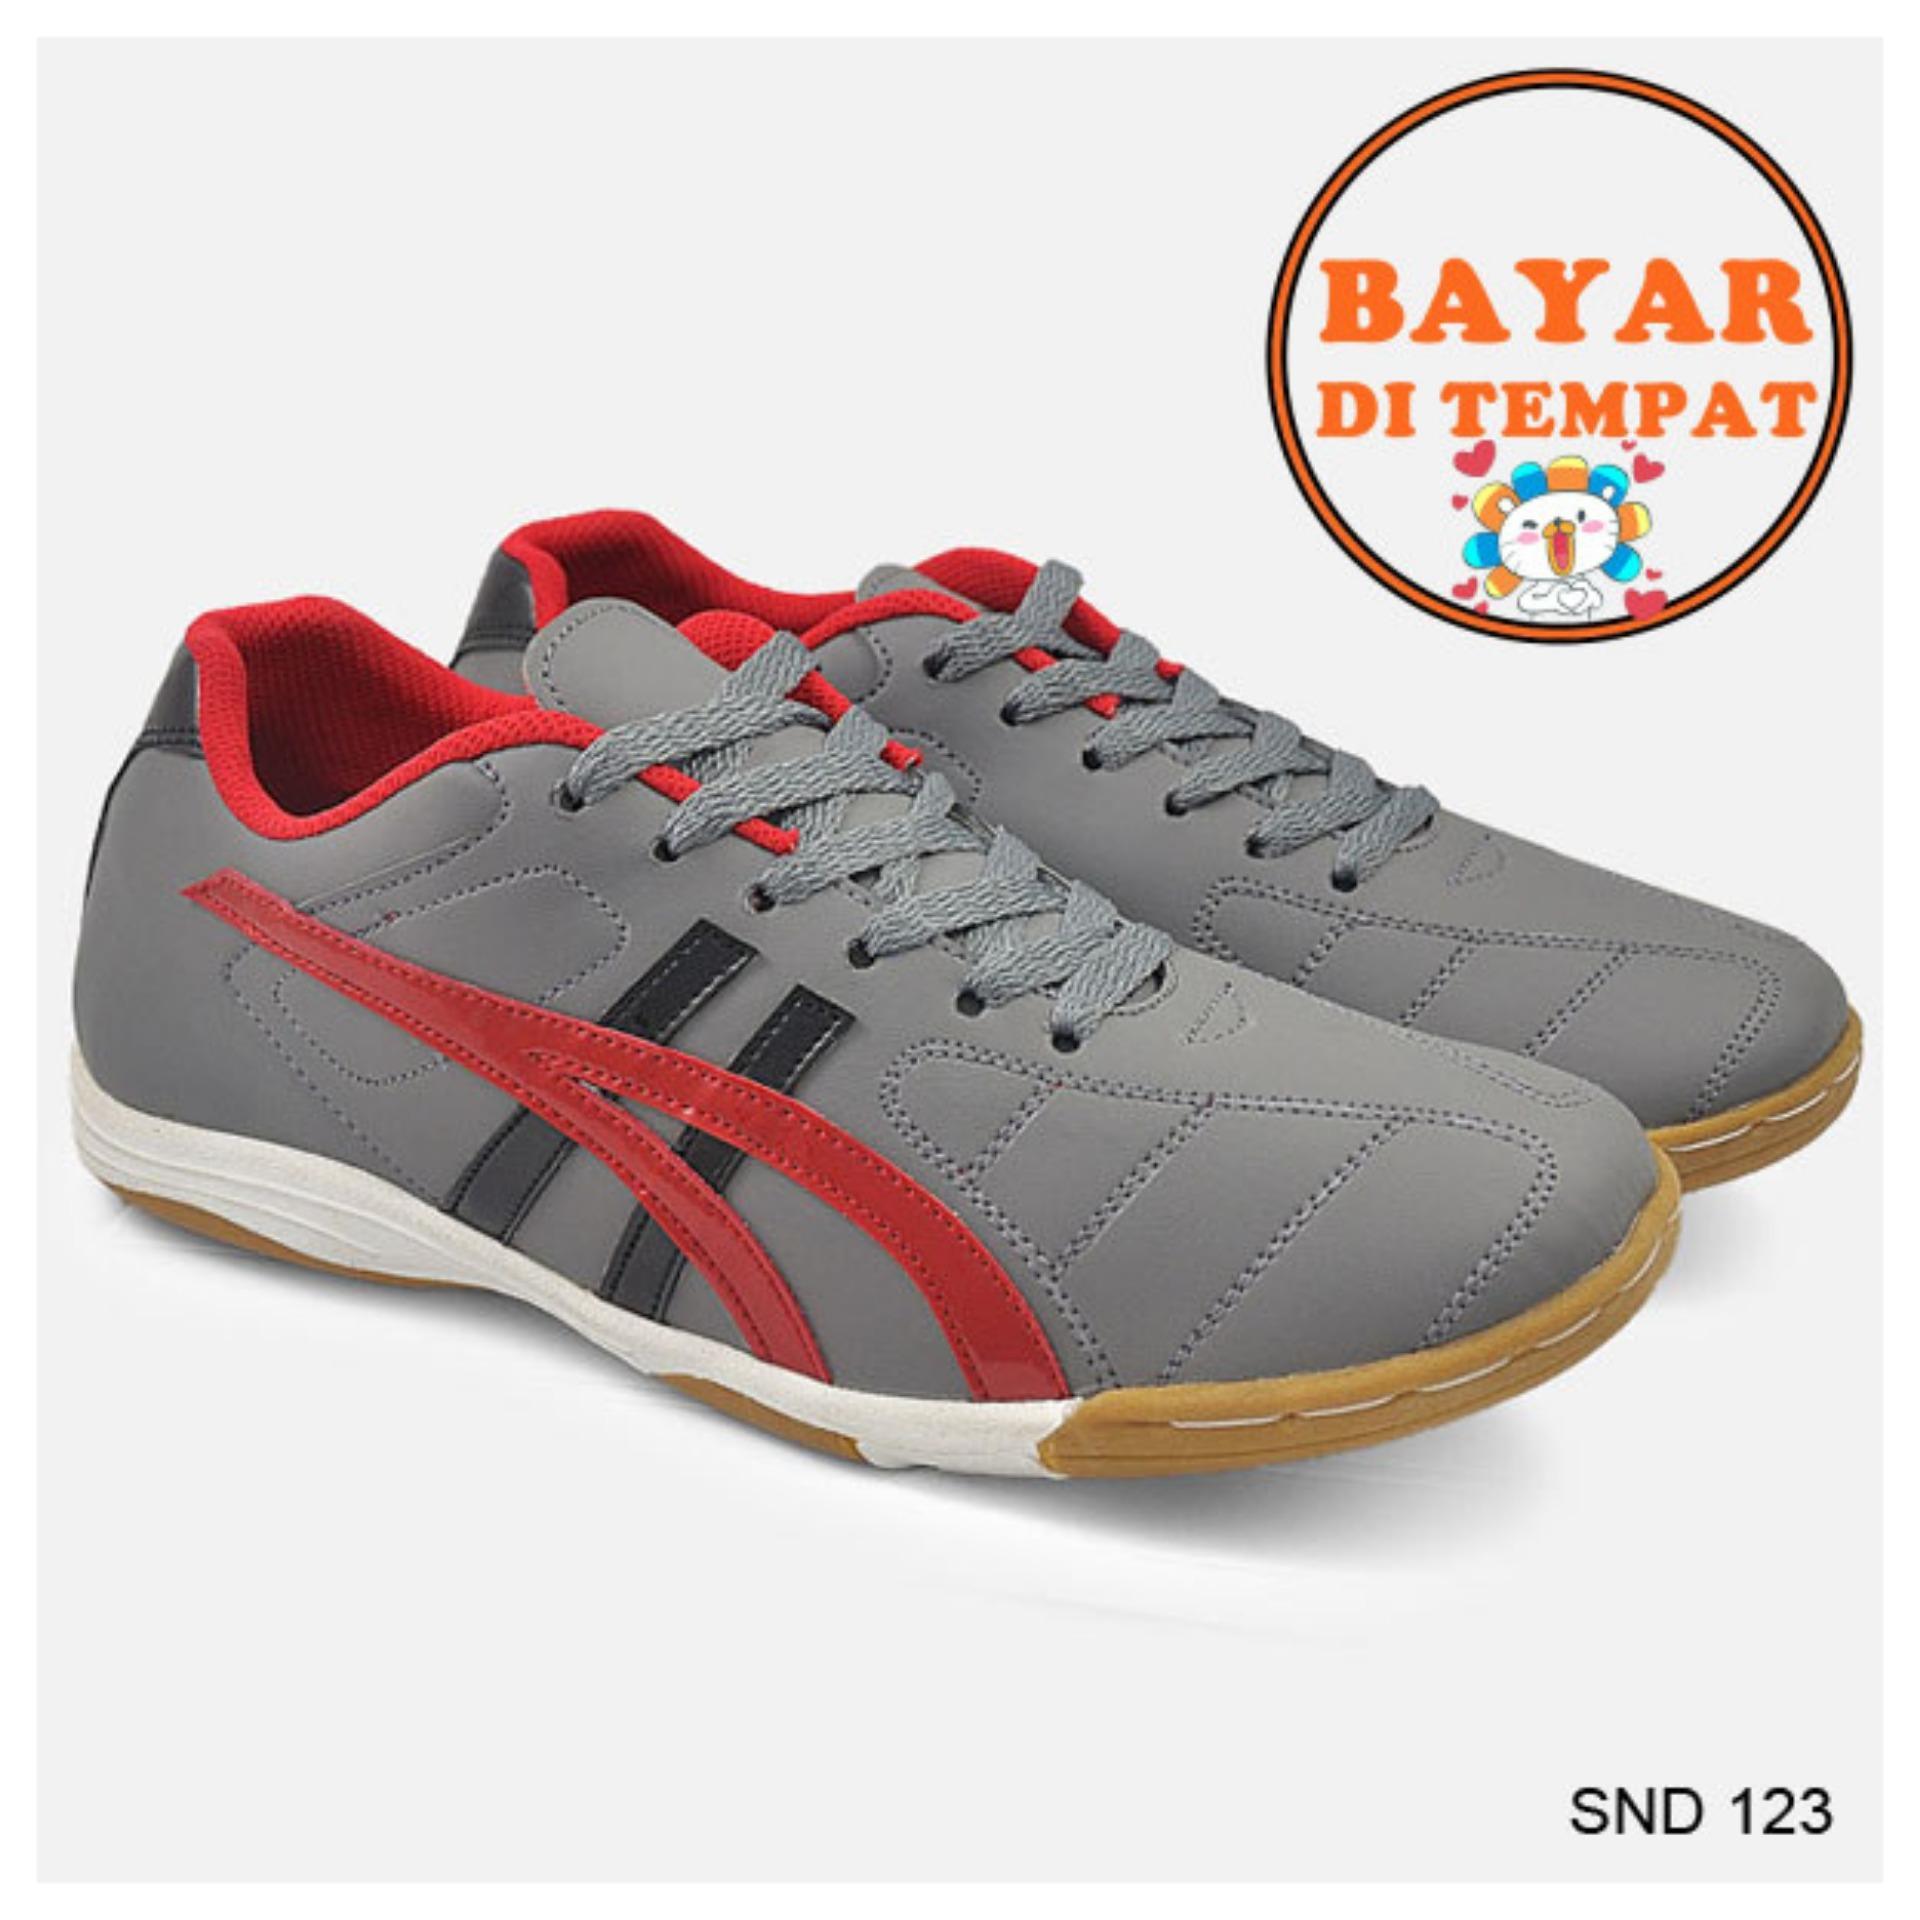 Java Sepatu Futsal Keren Dengan Jahitan Sole Yang Kuat SND 123 - Abu-Abu